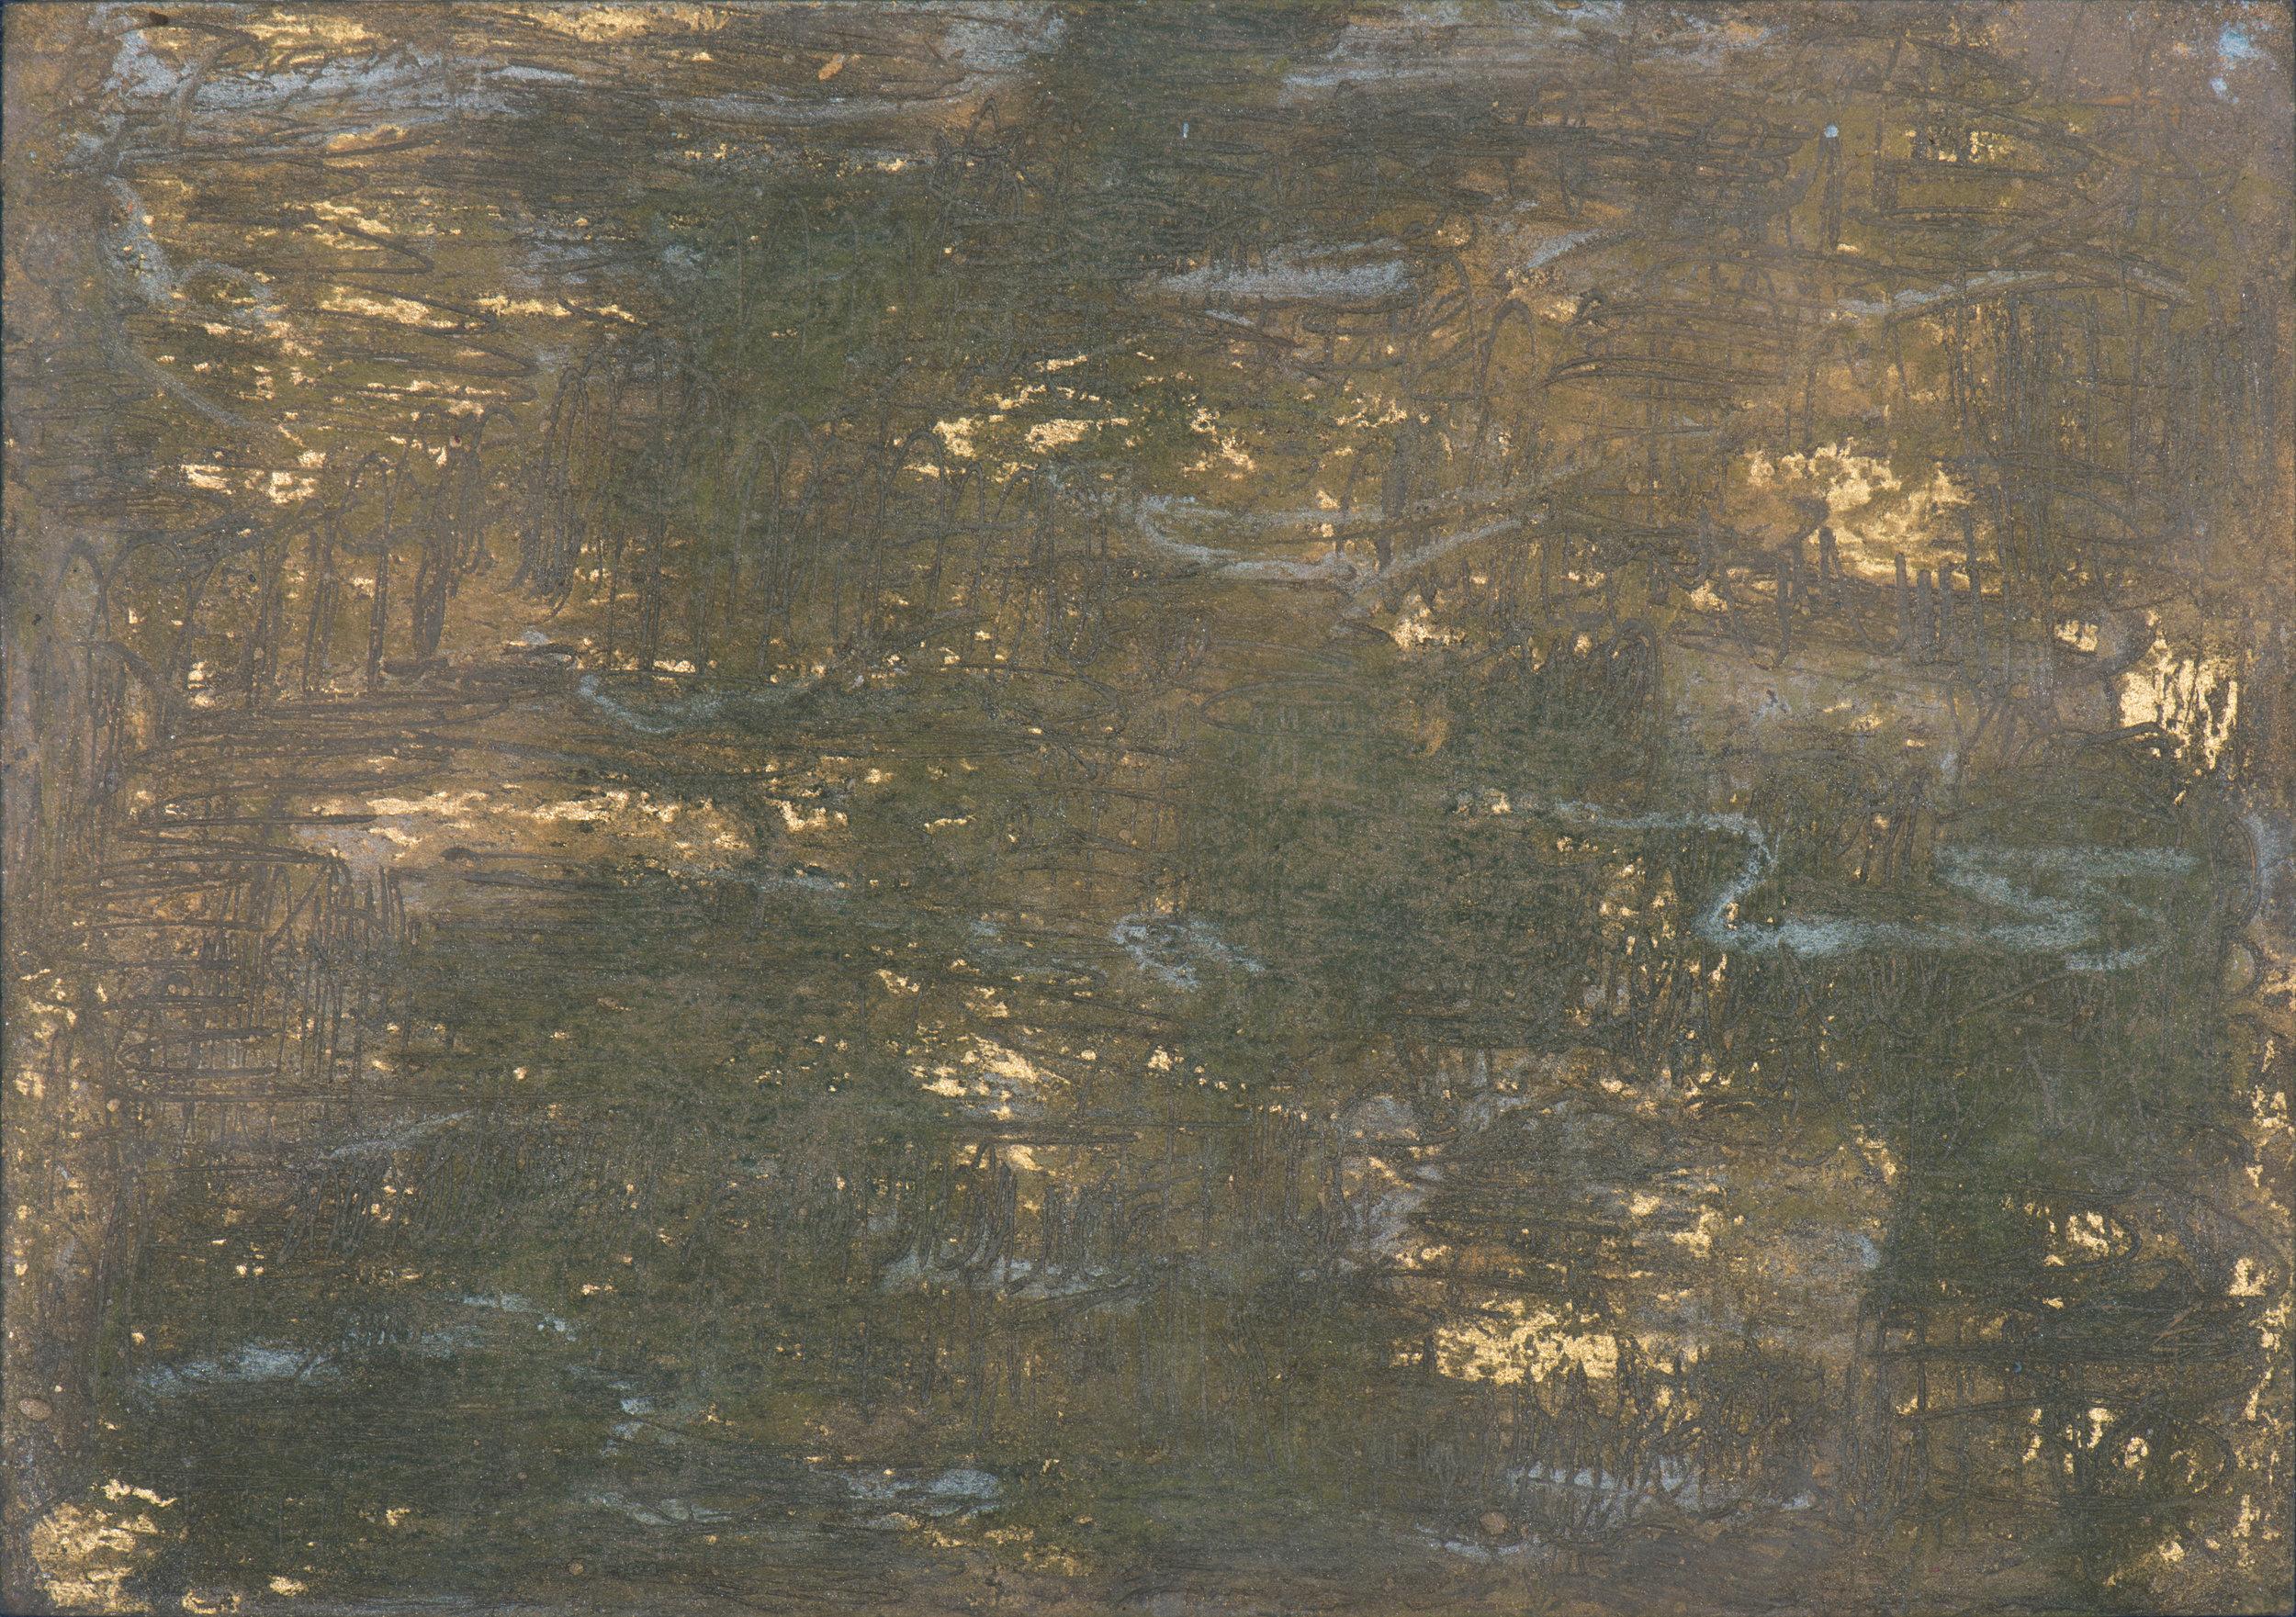 Mudd Pond